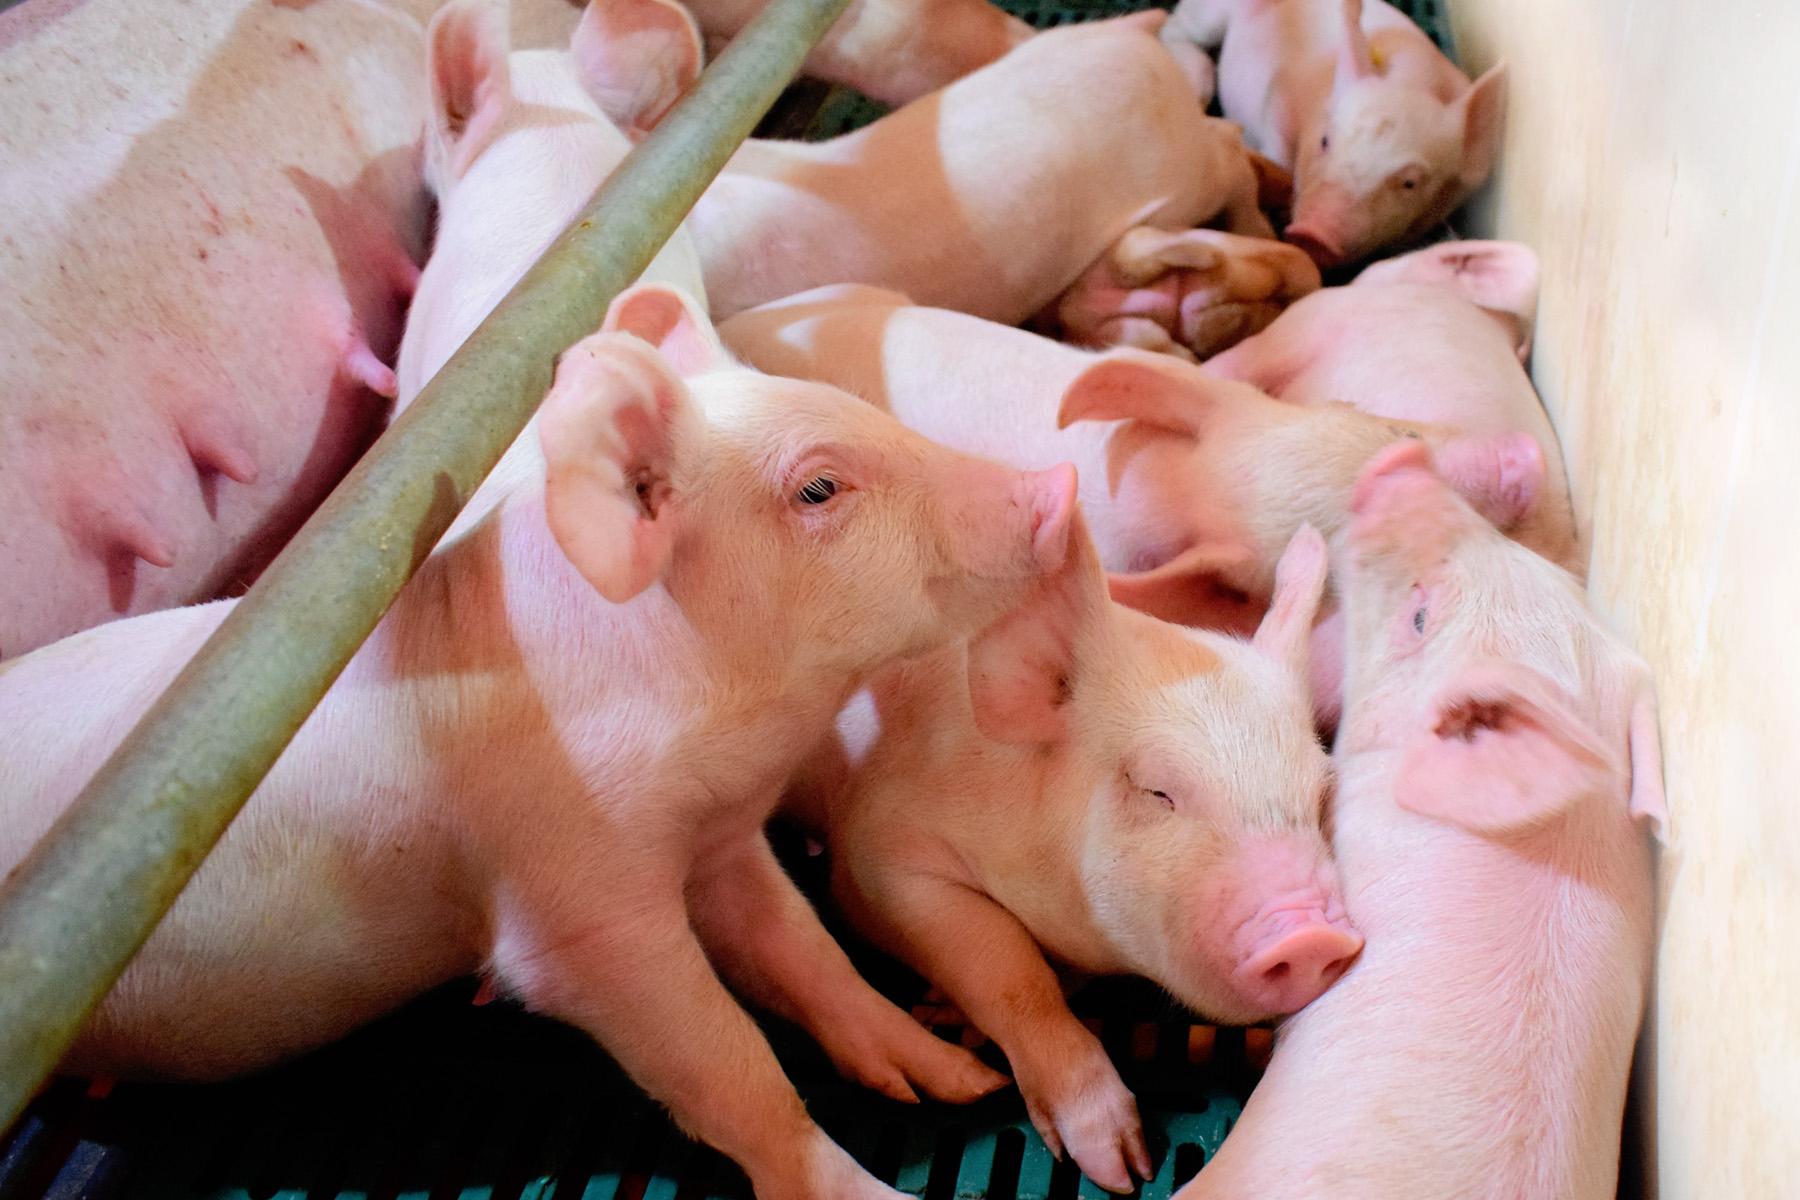 养猪行业进入寒冬期,生猪价格未来可能阶段性反弹,温氏股份:有信心恢复到应有的位置